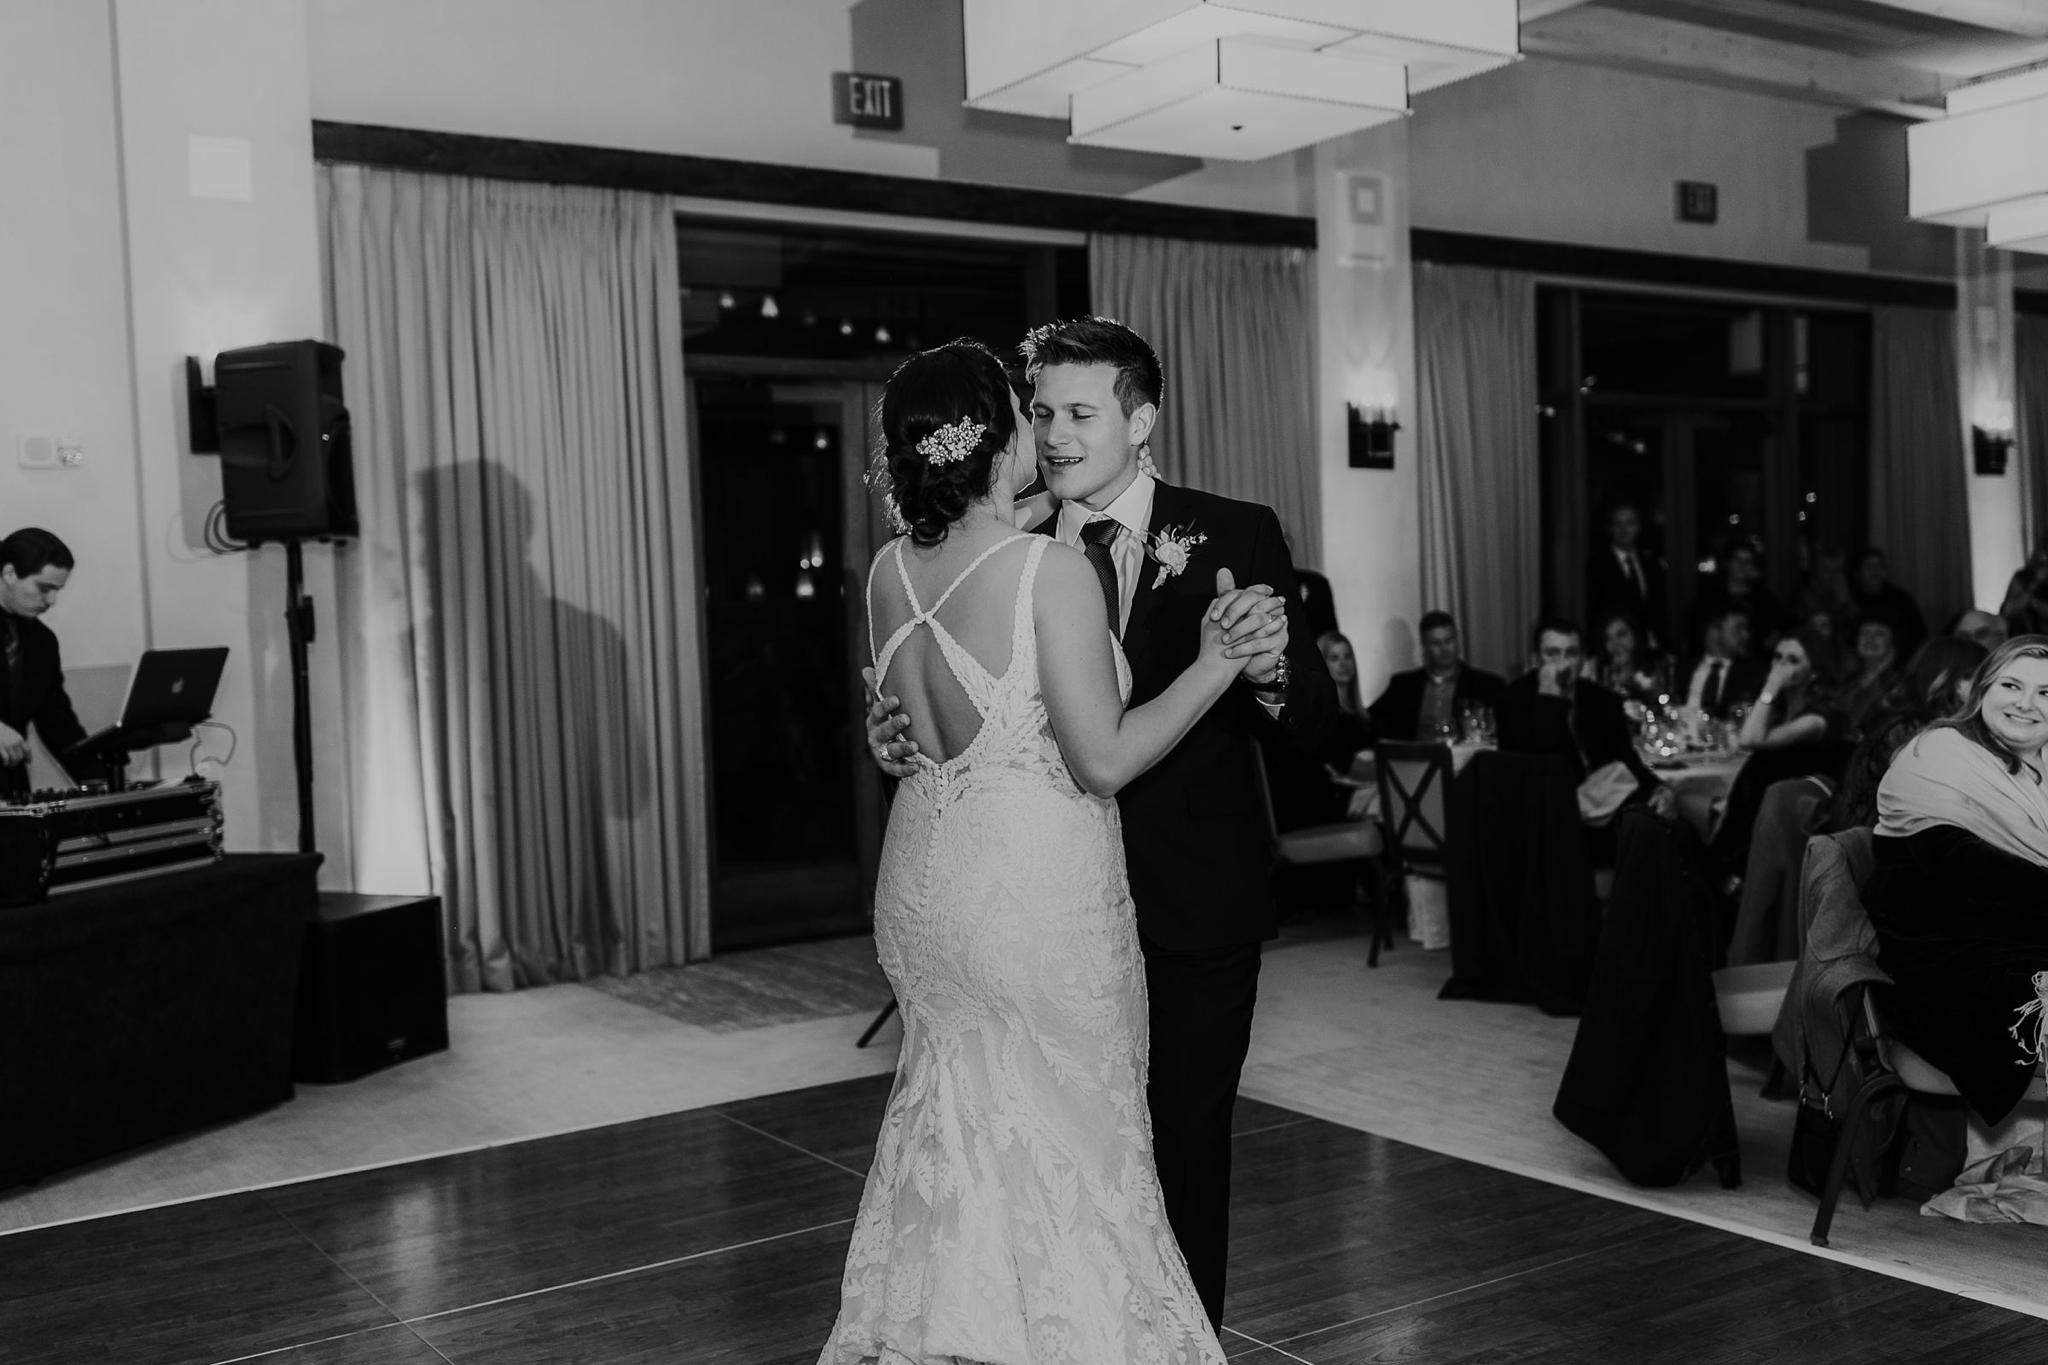 Alicia+lucia+photography+-+albuquerque+wedding+photographer+-+santa+fe+wedding+photography+-+new+mexico+wedding+photographer+-+new+mexico+wedding+-+santa+fe+wedding+-+four+seasons+wedding+-+winter+wedding_0145.jpg